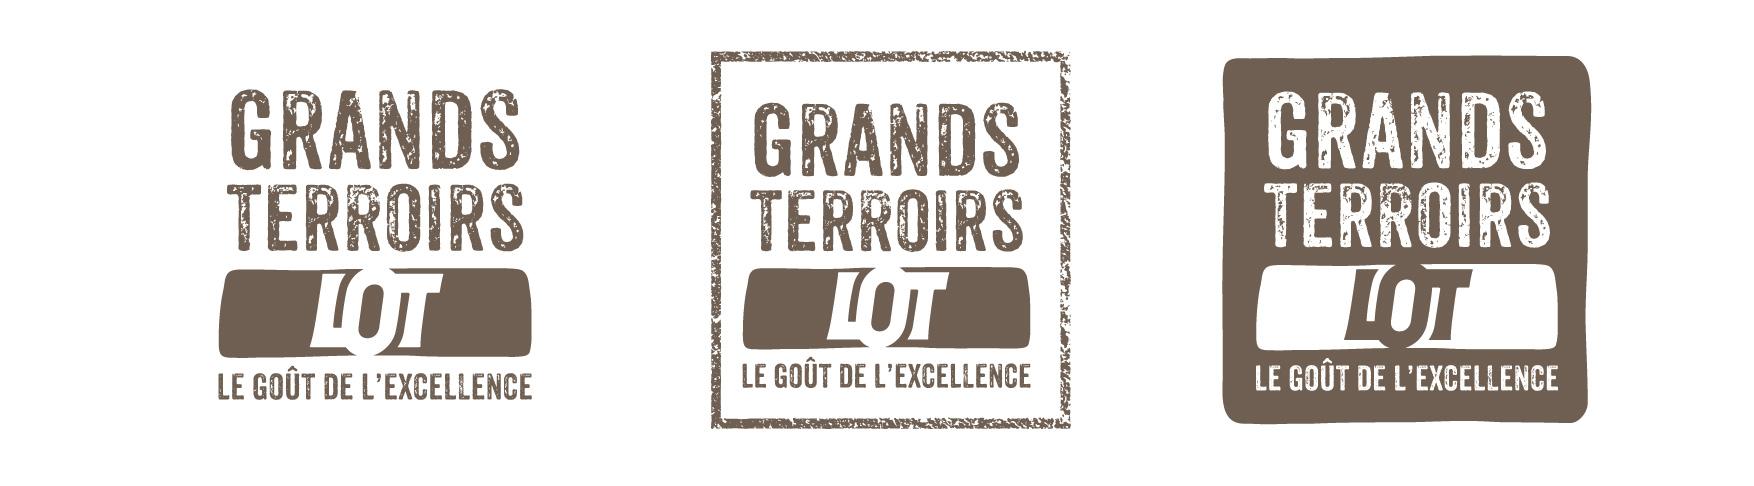 Déclinaison du logo Grands Terroirs, le goût de l'excellence.